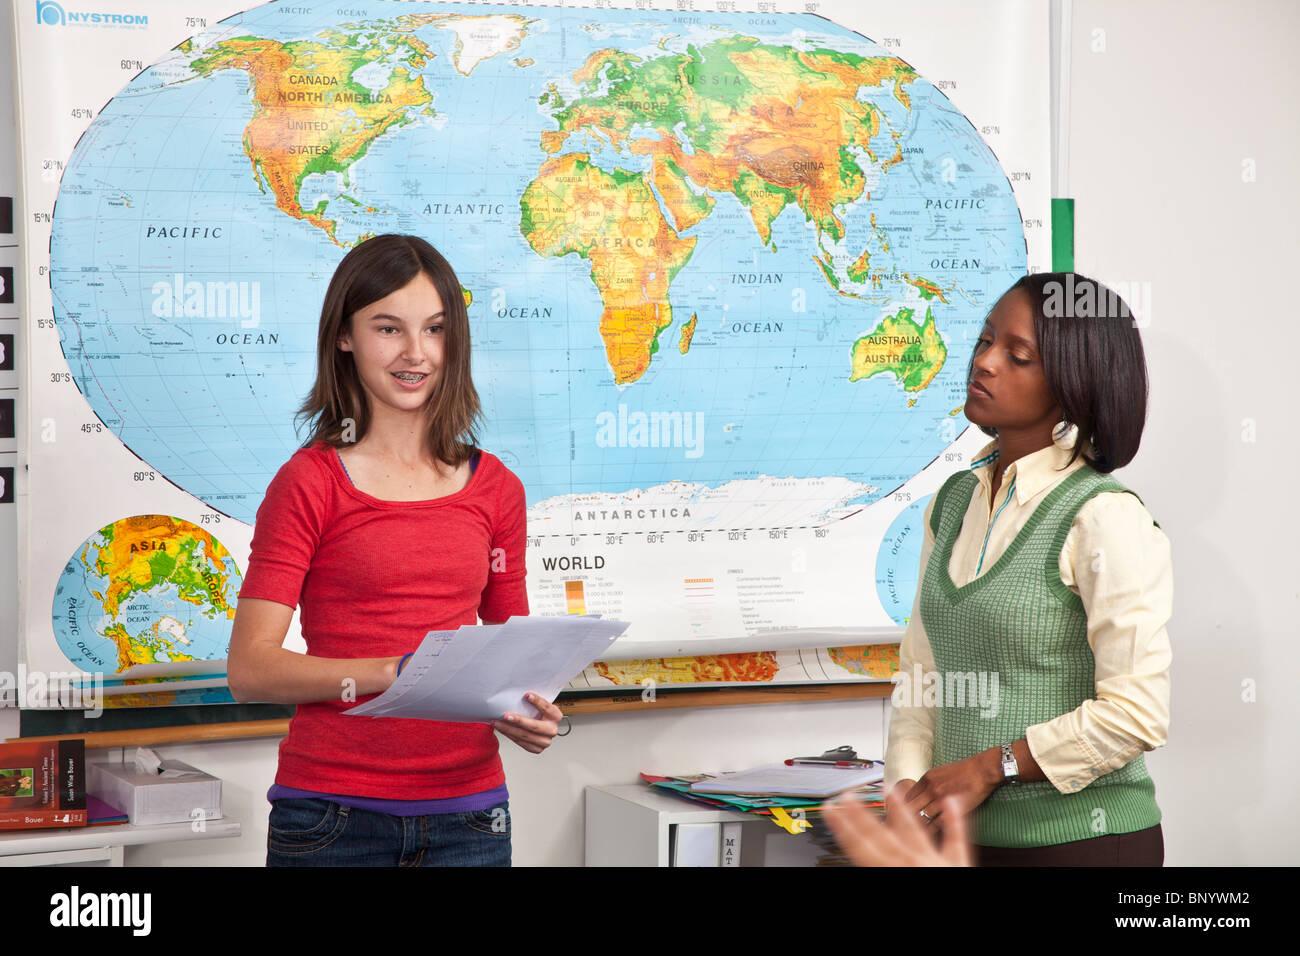 La diversité ethnique multi raciales diversifiées interracial multiculturelles adolescente donne lecture du rapport de la classe enseignant encourage personne personnes Banque D'Images